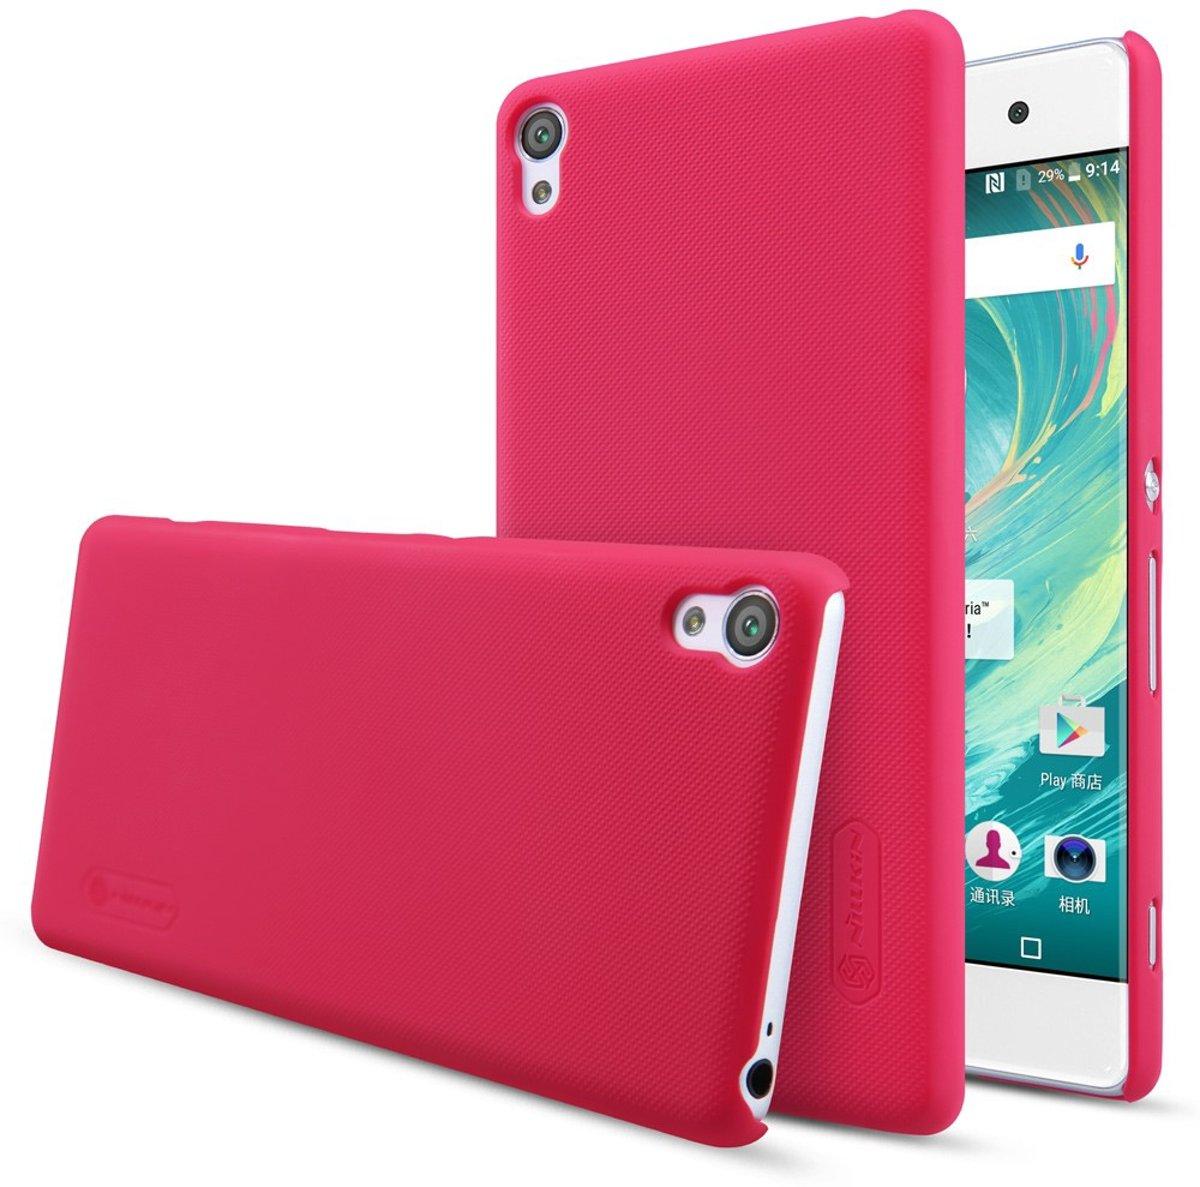 cran Dépoli Rouge Couverture Étui Rigide Pour Sony Xperia Xa1 3YchHgg6